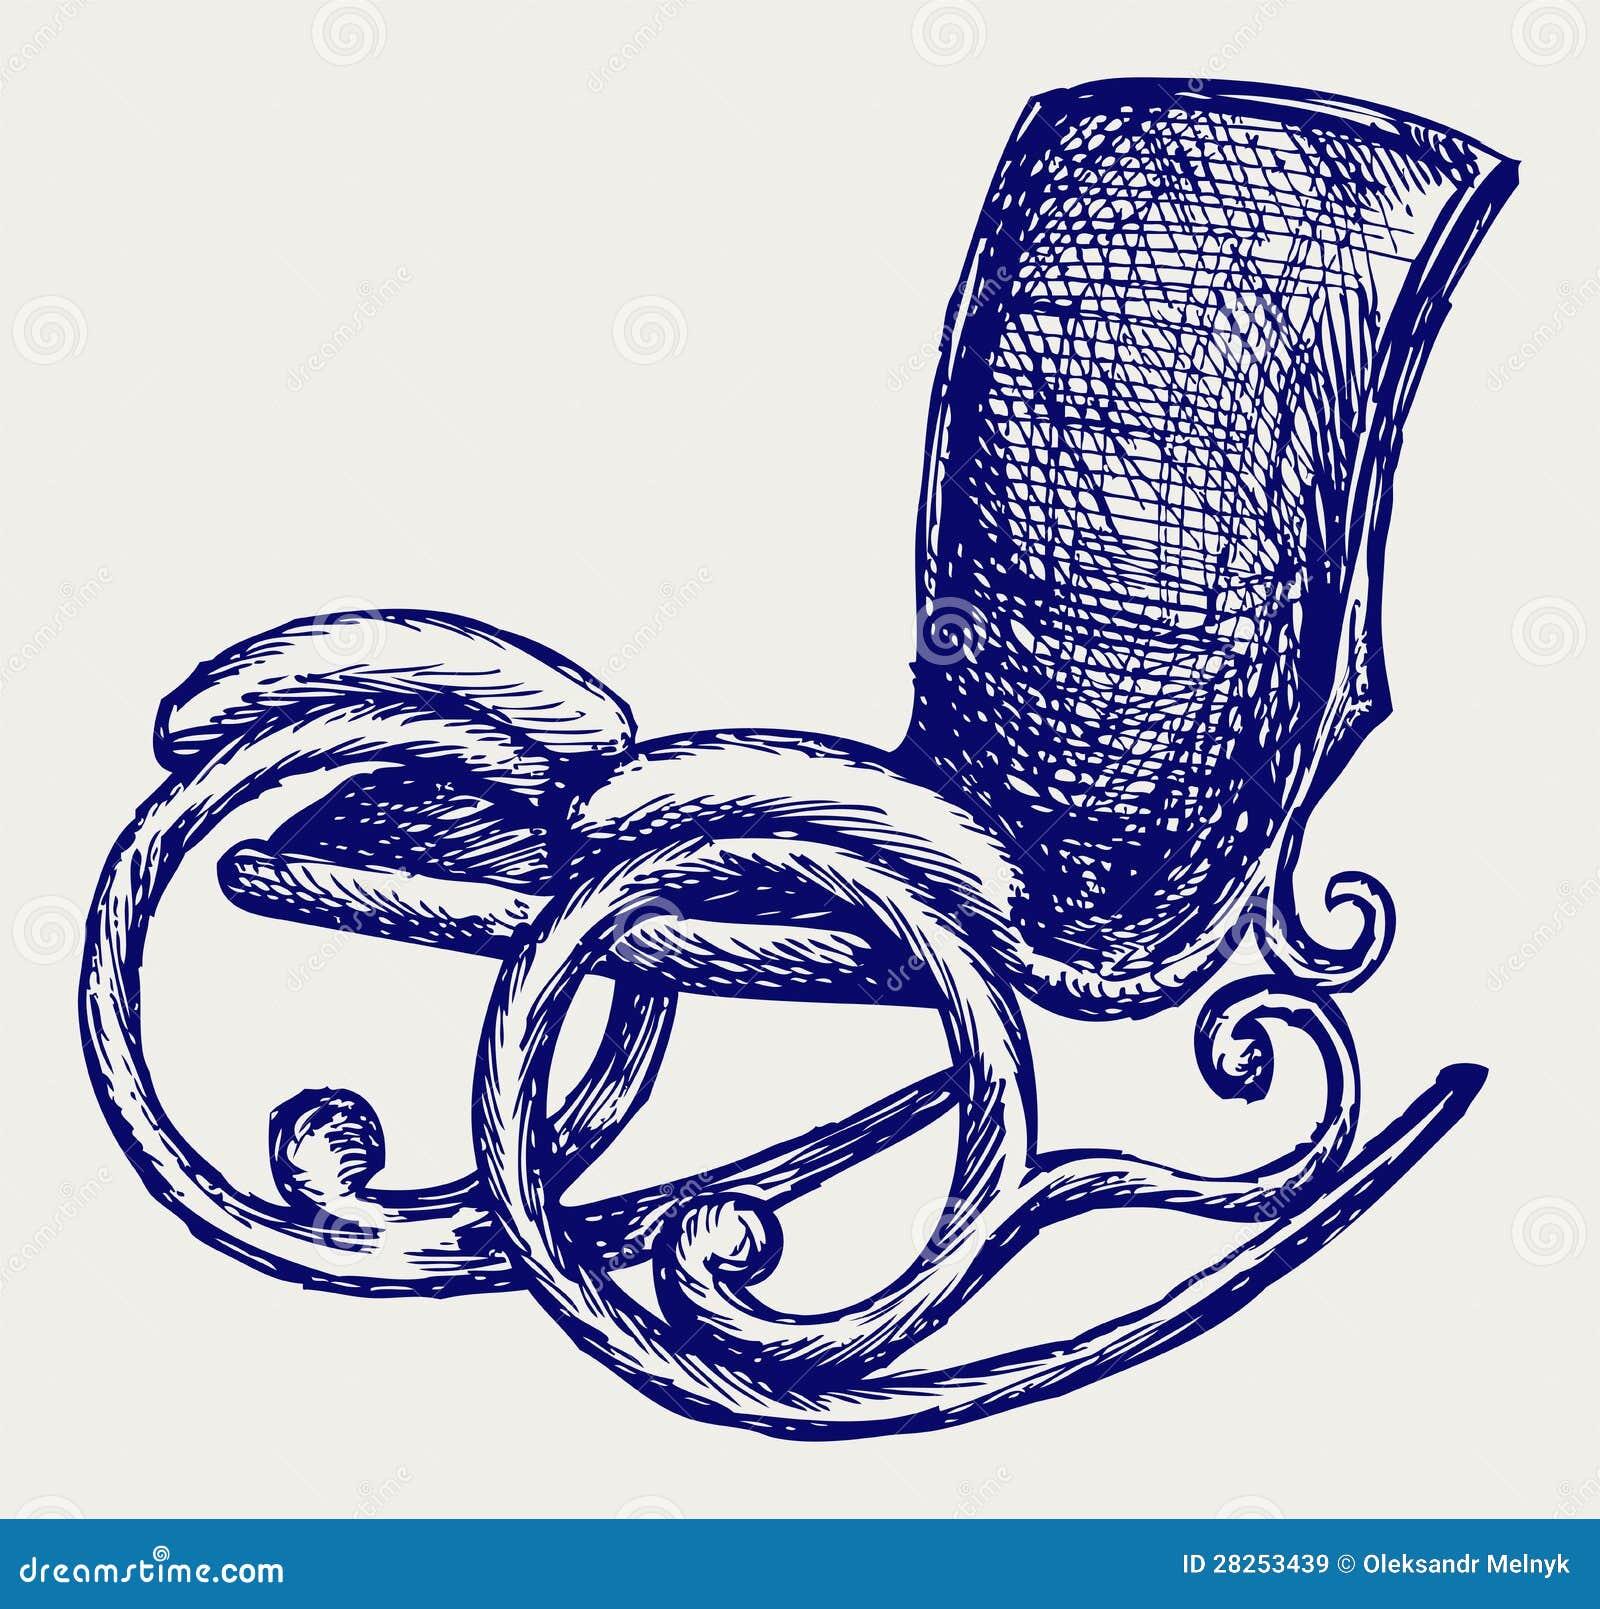 Cadeira de balanço. Estilo do Doodle. Esboço do vetor. #000053 1300x1324